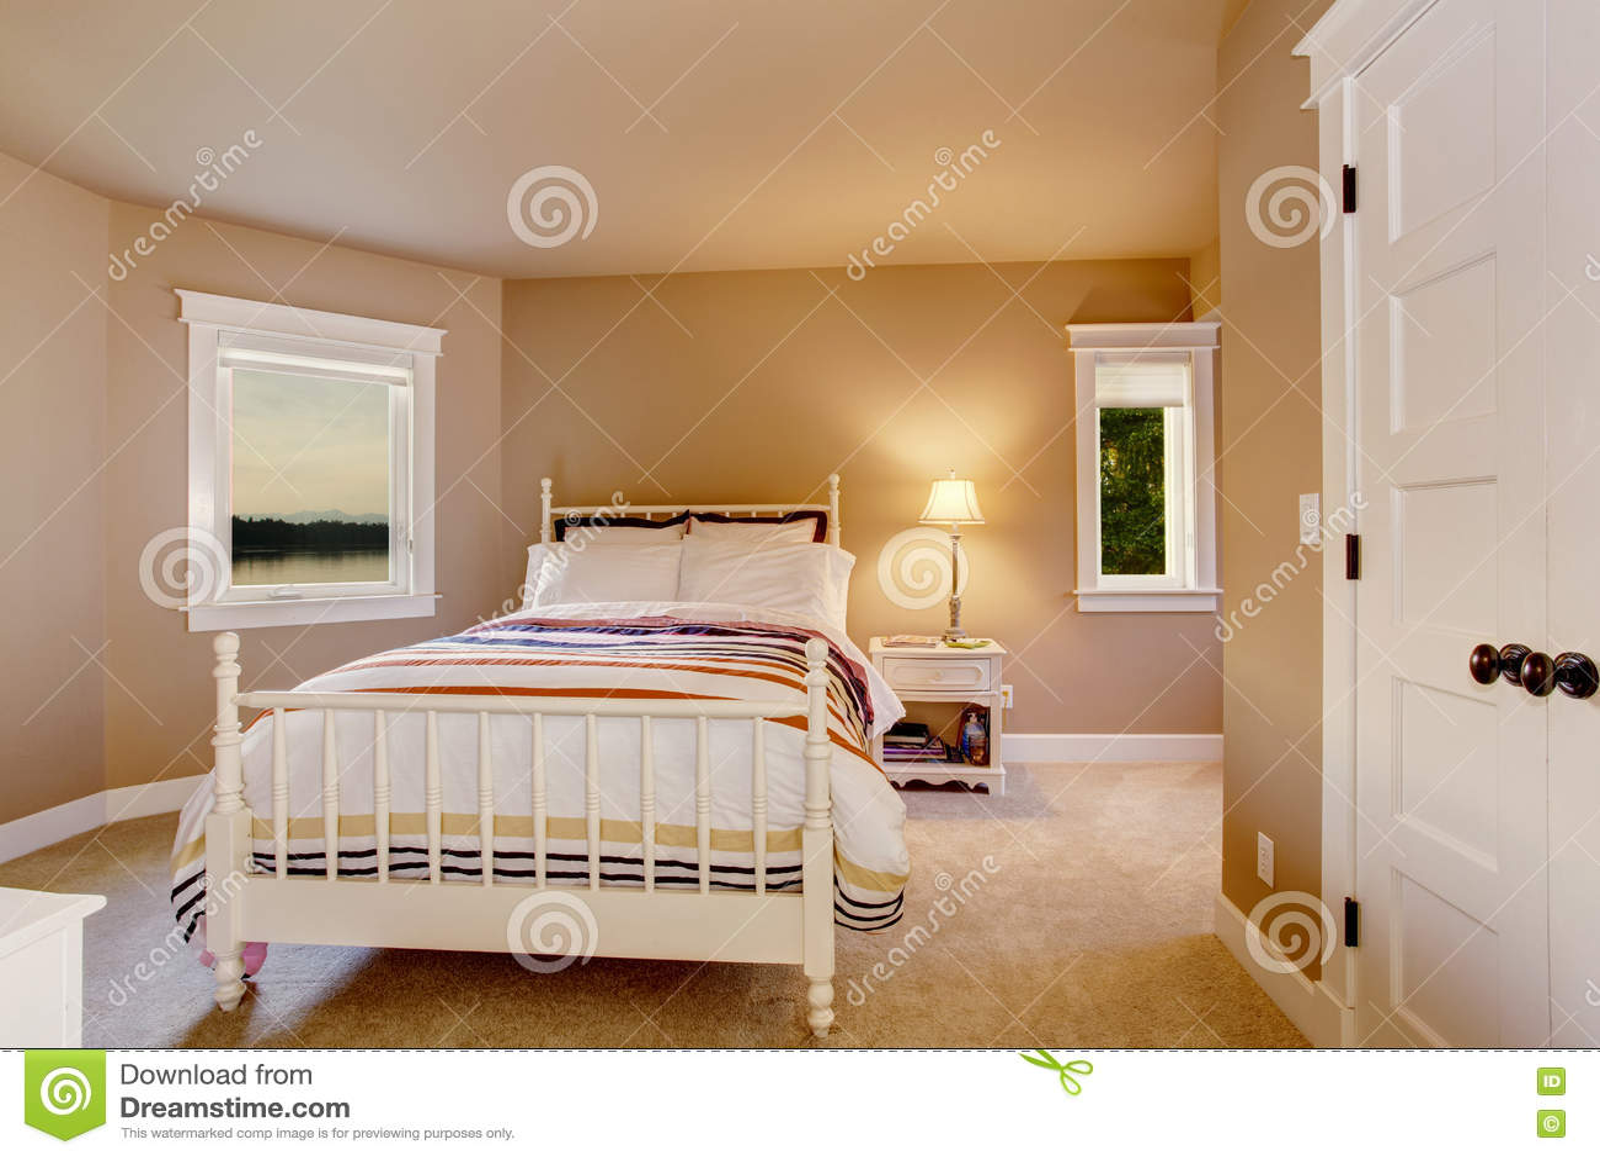 Moquette de chambre simple iledefrance moquette marron - Moquette pour chambre ...